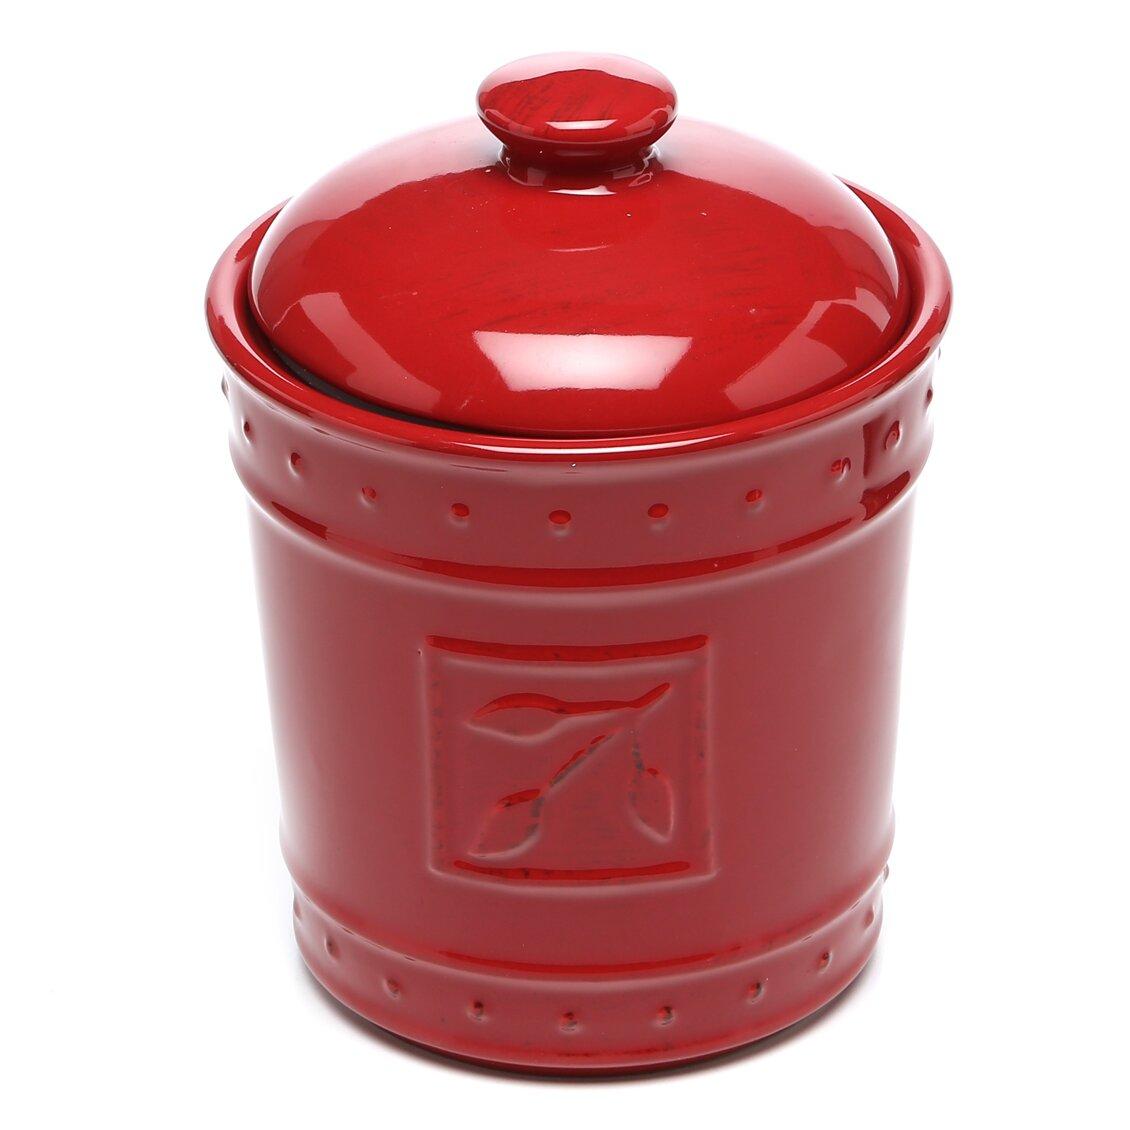 Fleur de lis living dorothy 3 piece kitchen canister set for Naaptol kitchen set 70 pieces